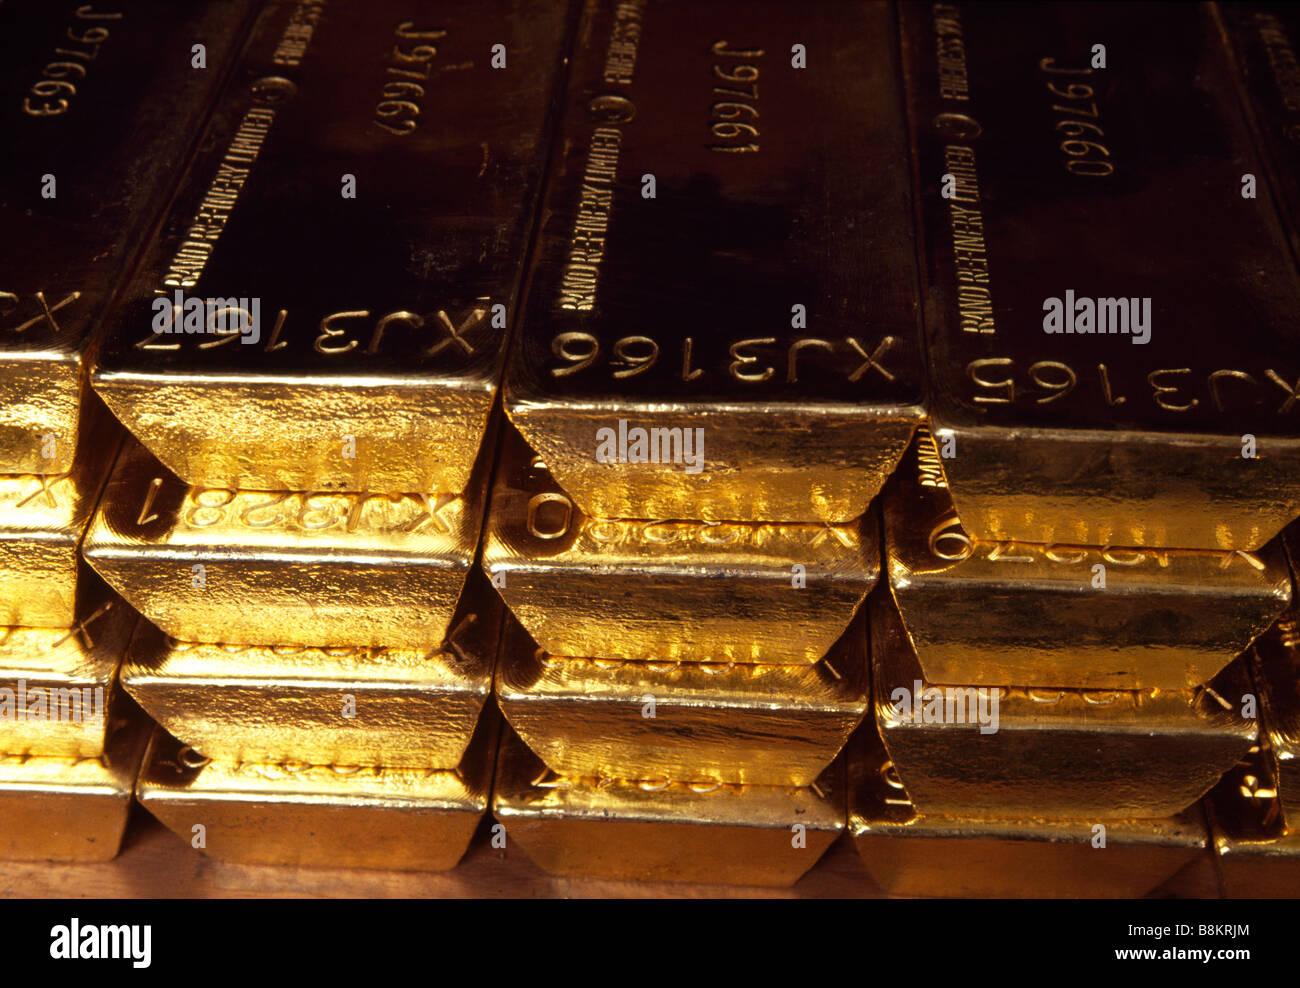 Die Bank of England u Gold Gewölbe in London Stacks von Goldbarren sind auf Ablagen angeordnet. Stockbild